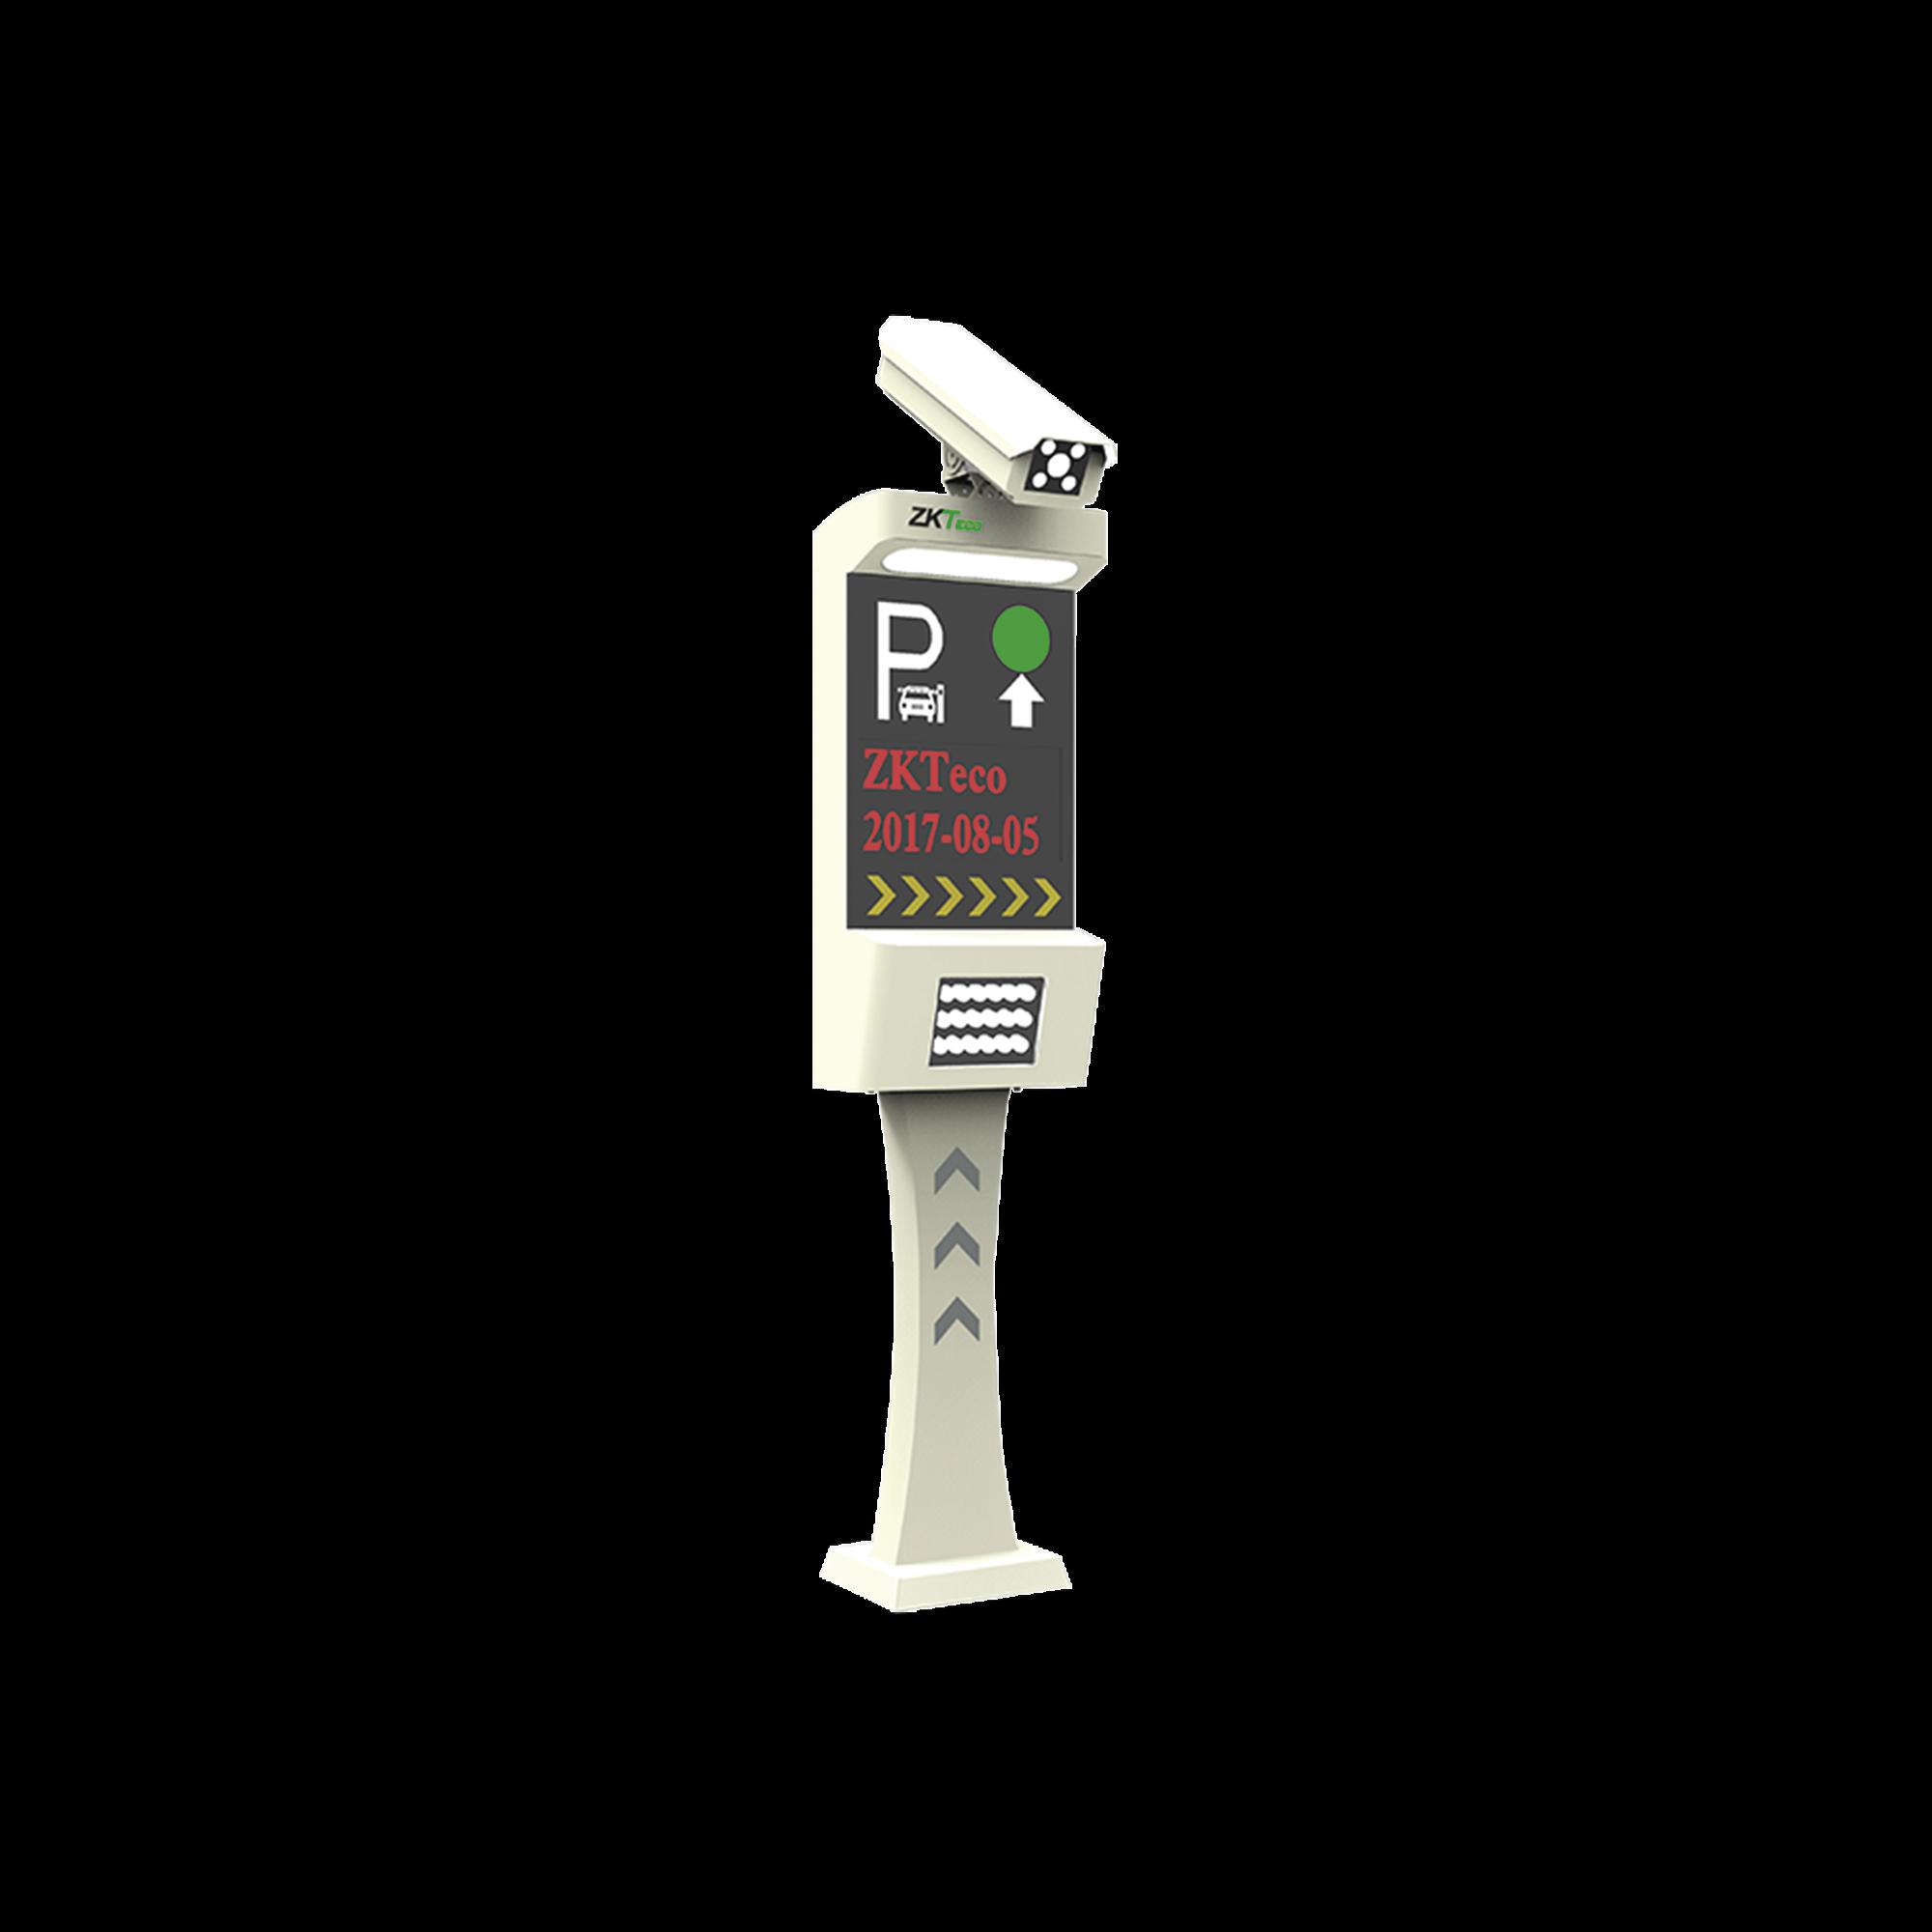 Control de acceso vehicular con RECONOCIMIENTO DE PLACAS / Administracion de estacionamientos / LPR / Salida de relevador / Requiere ZKBiosecurity